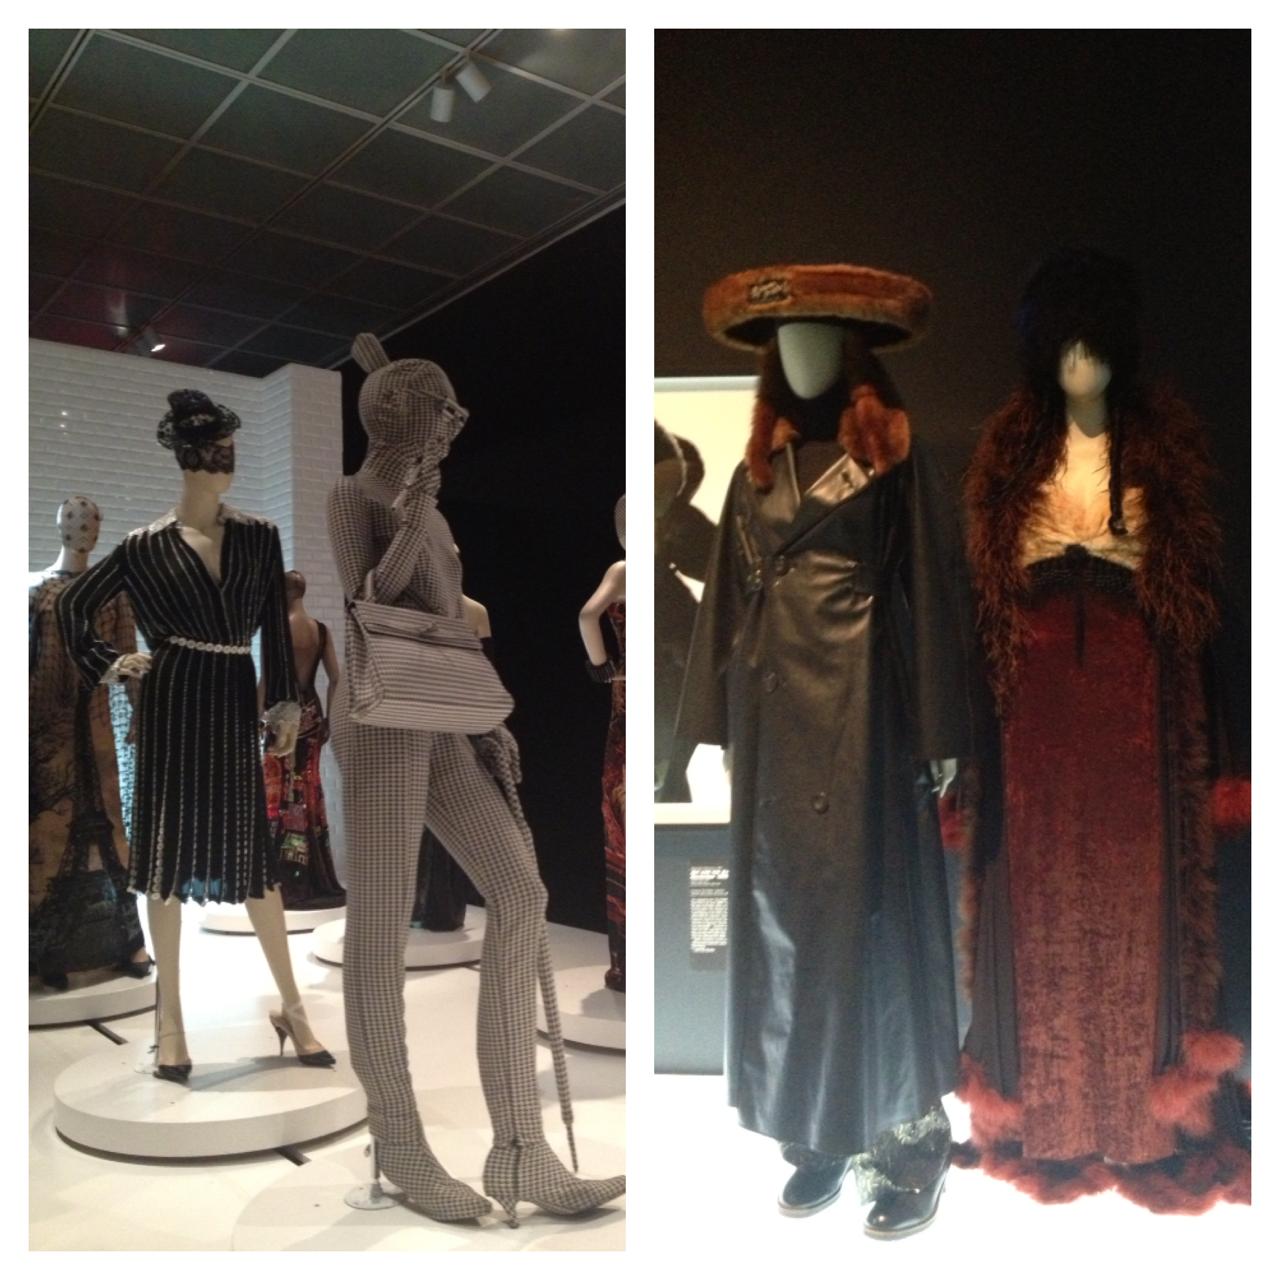 """מימין, שתי תלבושות מקולקציות """"דוס שיק"""". בכובע של התלבושת השמאלית יש תג שעליו כתוב (בעברית) ז'אן פול גוטיק."""